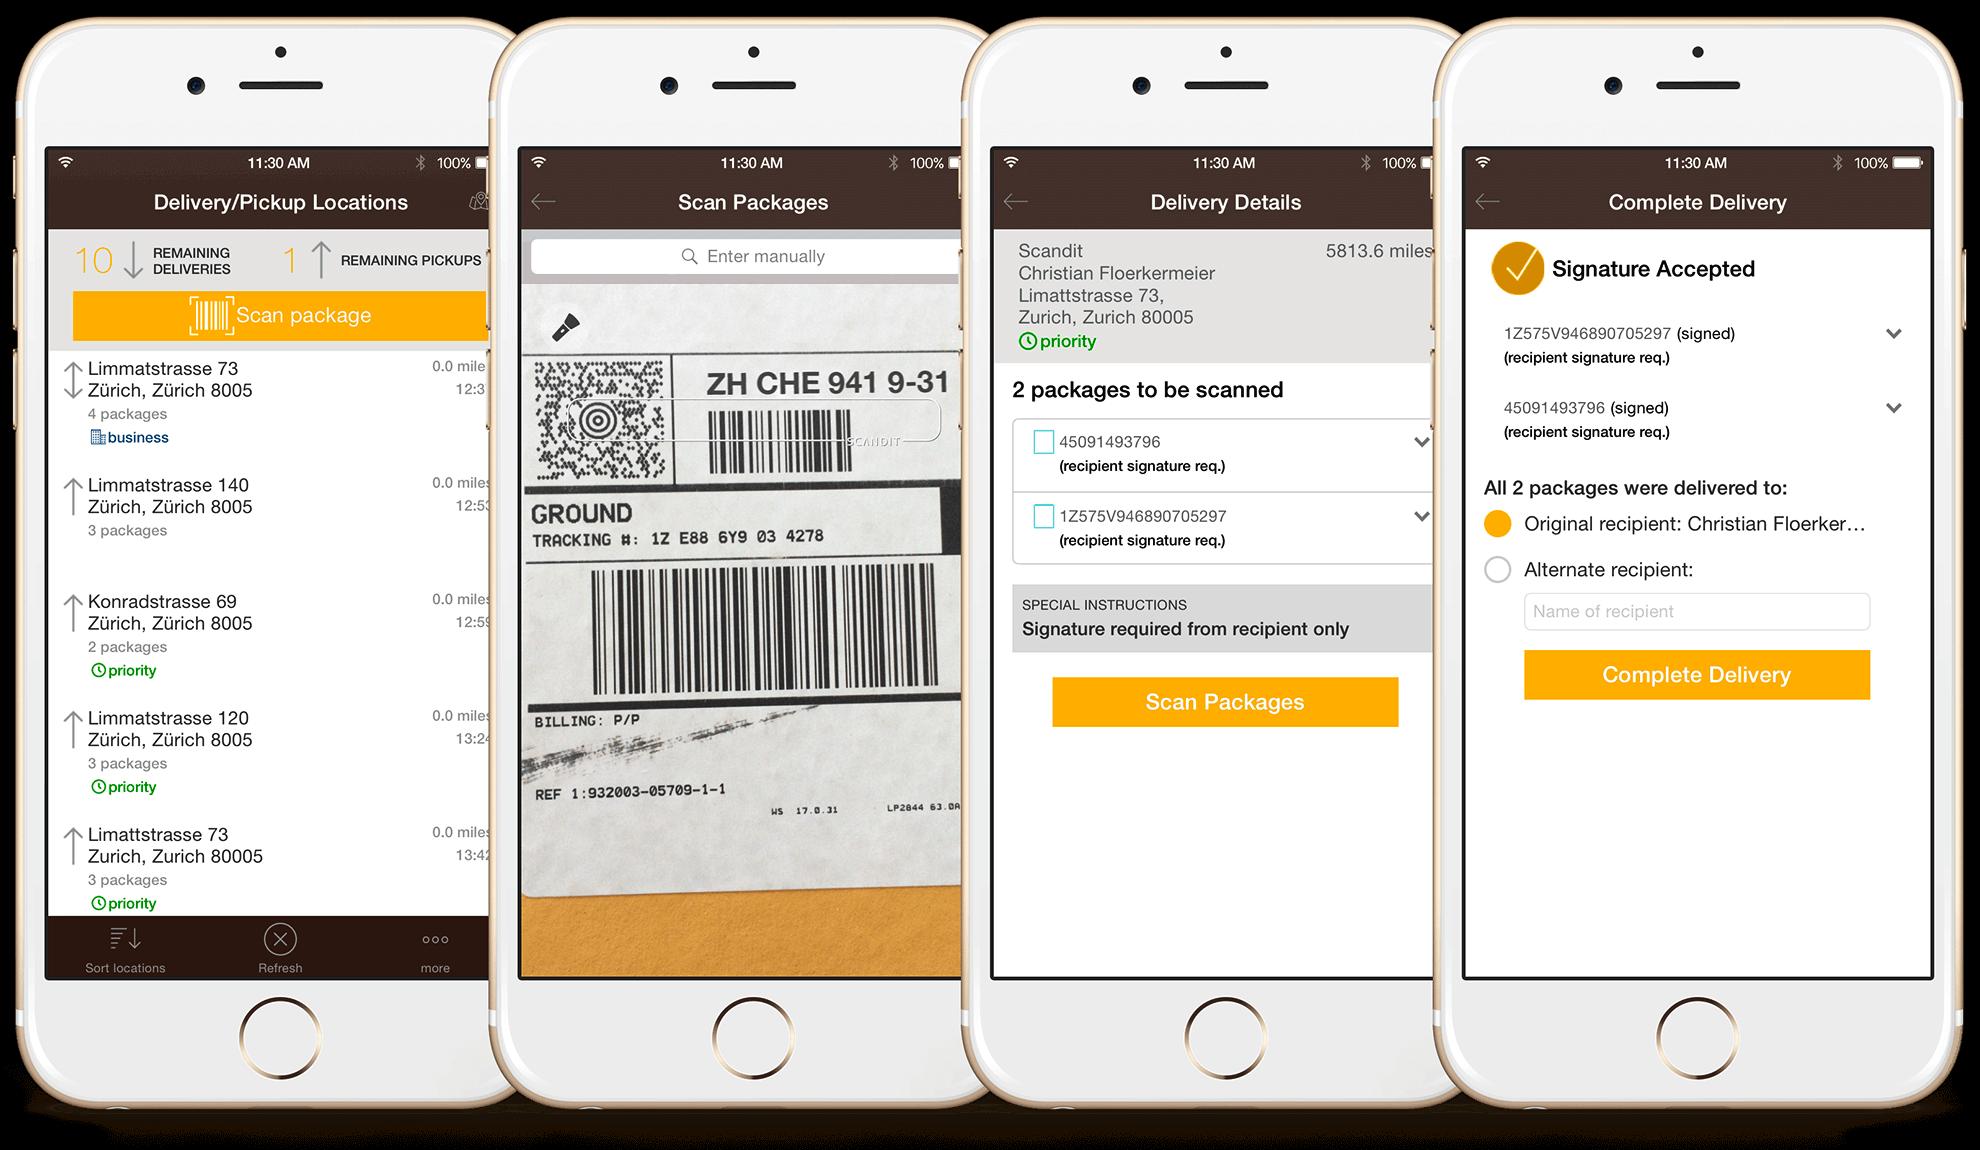 captura de tela leitor confirmação de entrega scandit